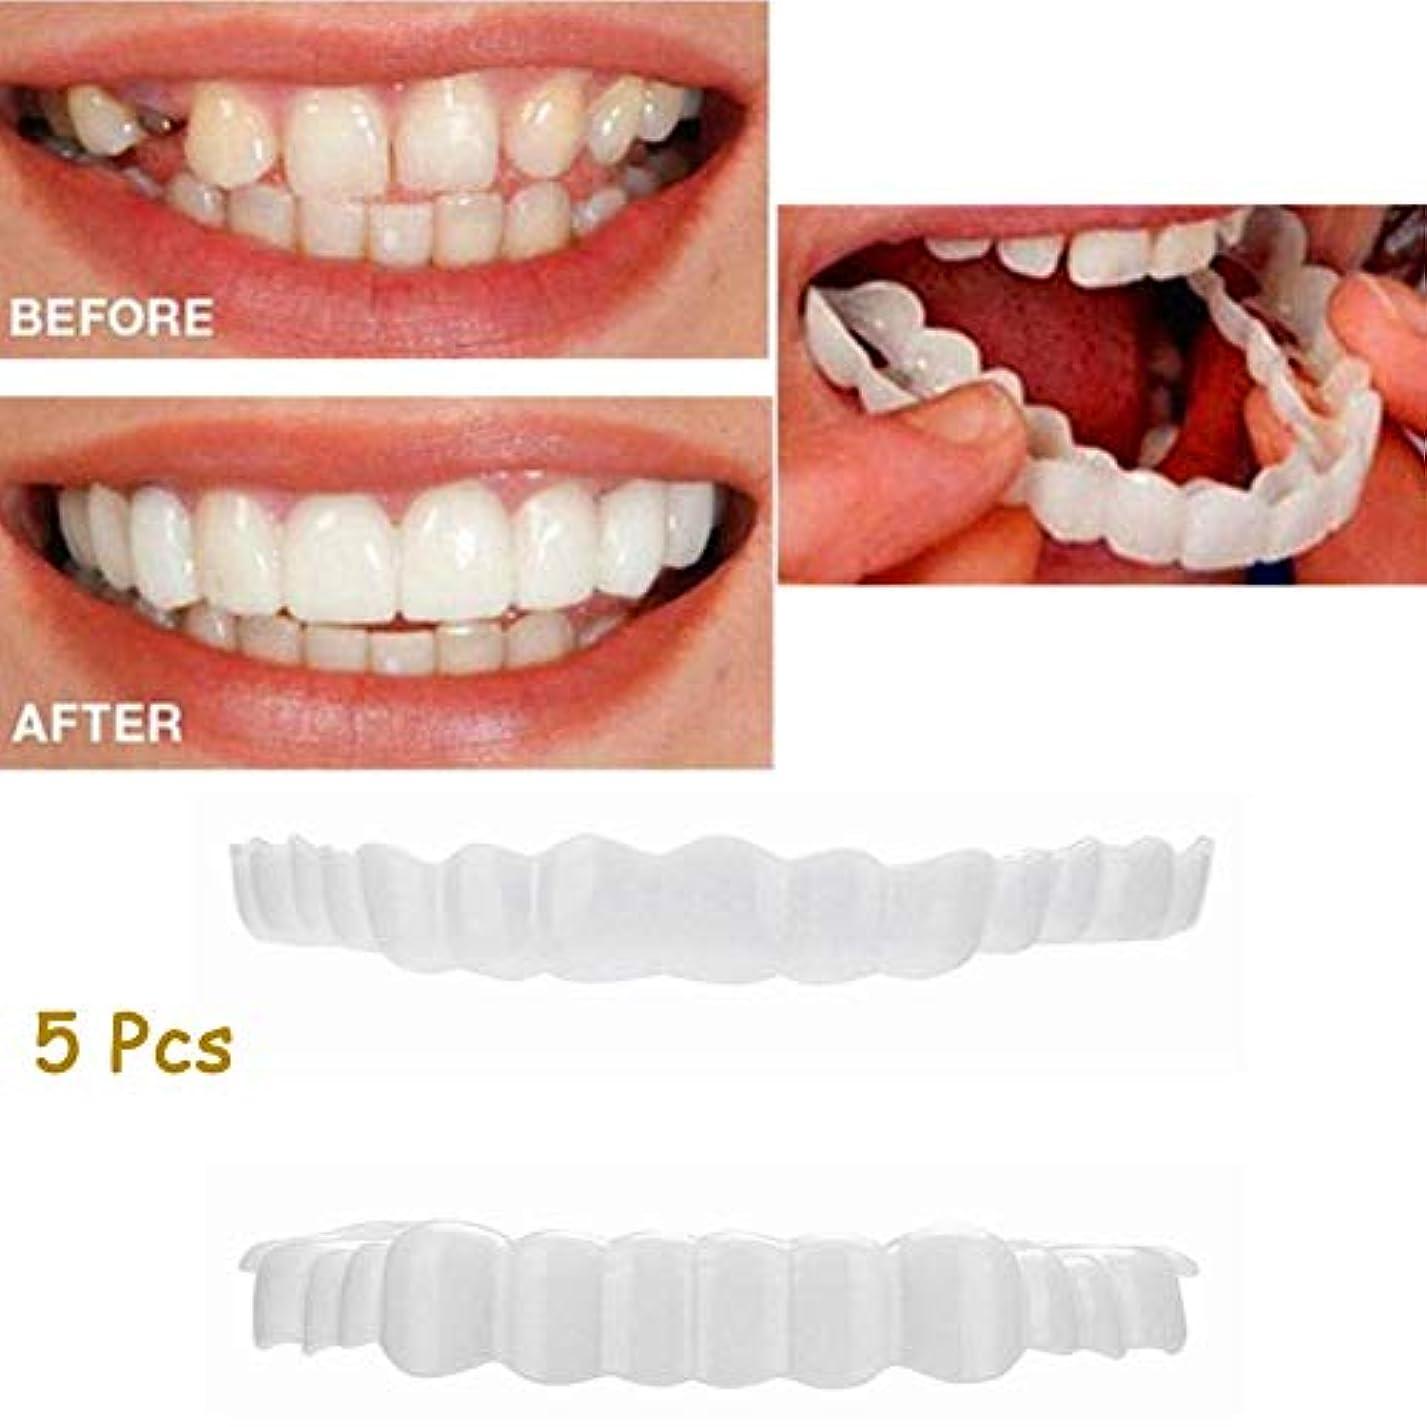 ウッズ仕出します飼いならす5ピース上歯+下歯セットインスタントパーフェクトコンフォートフィットフレックス化粧品歯入れ歯歯ホワイトニングスマイルフェイク歯